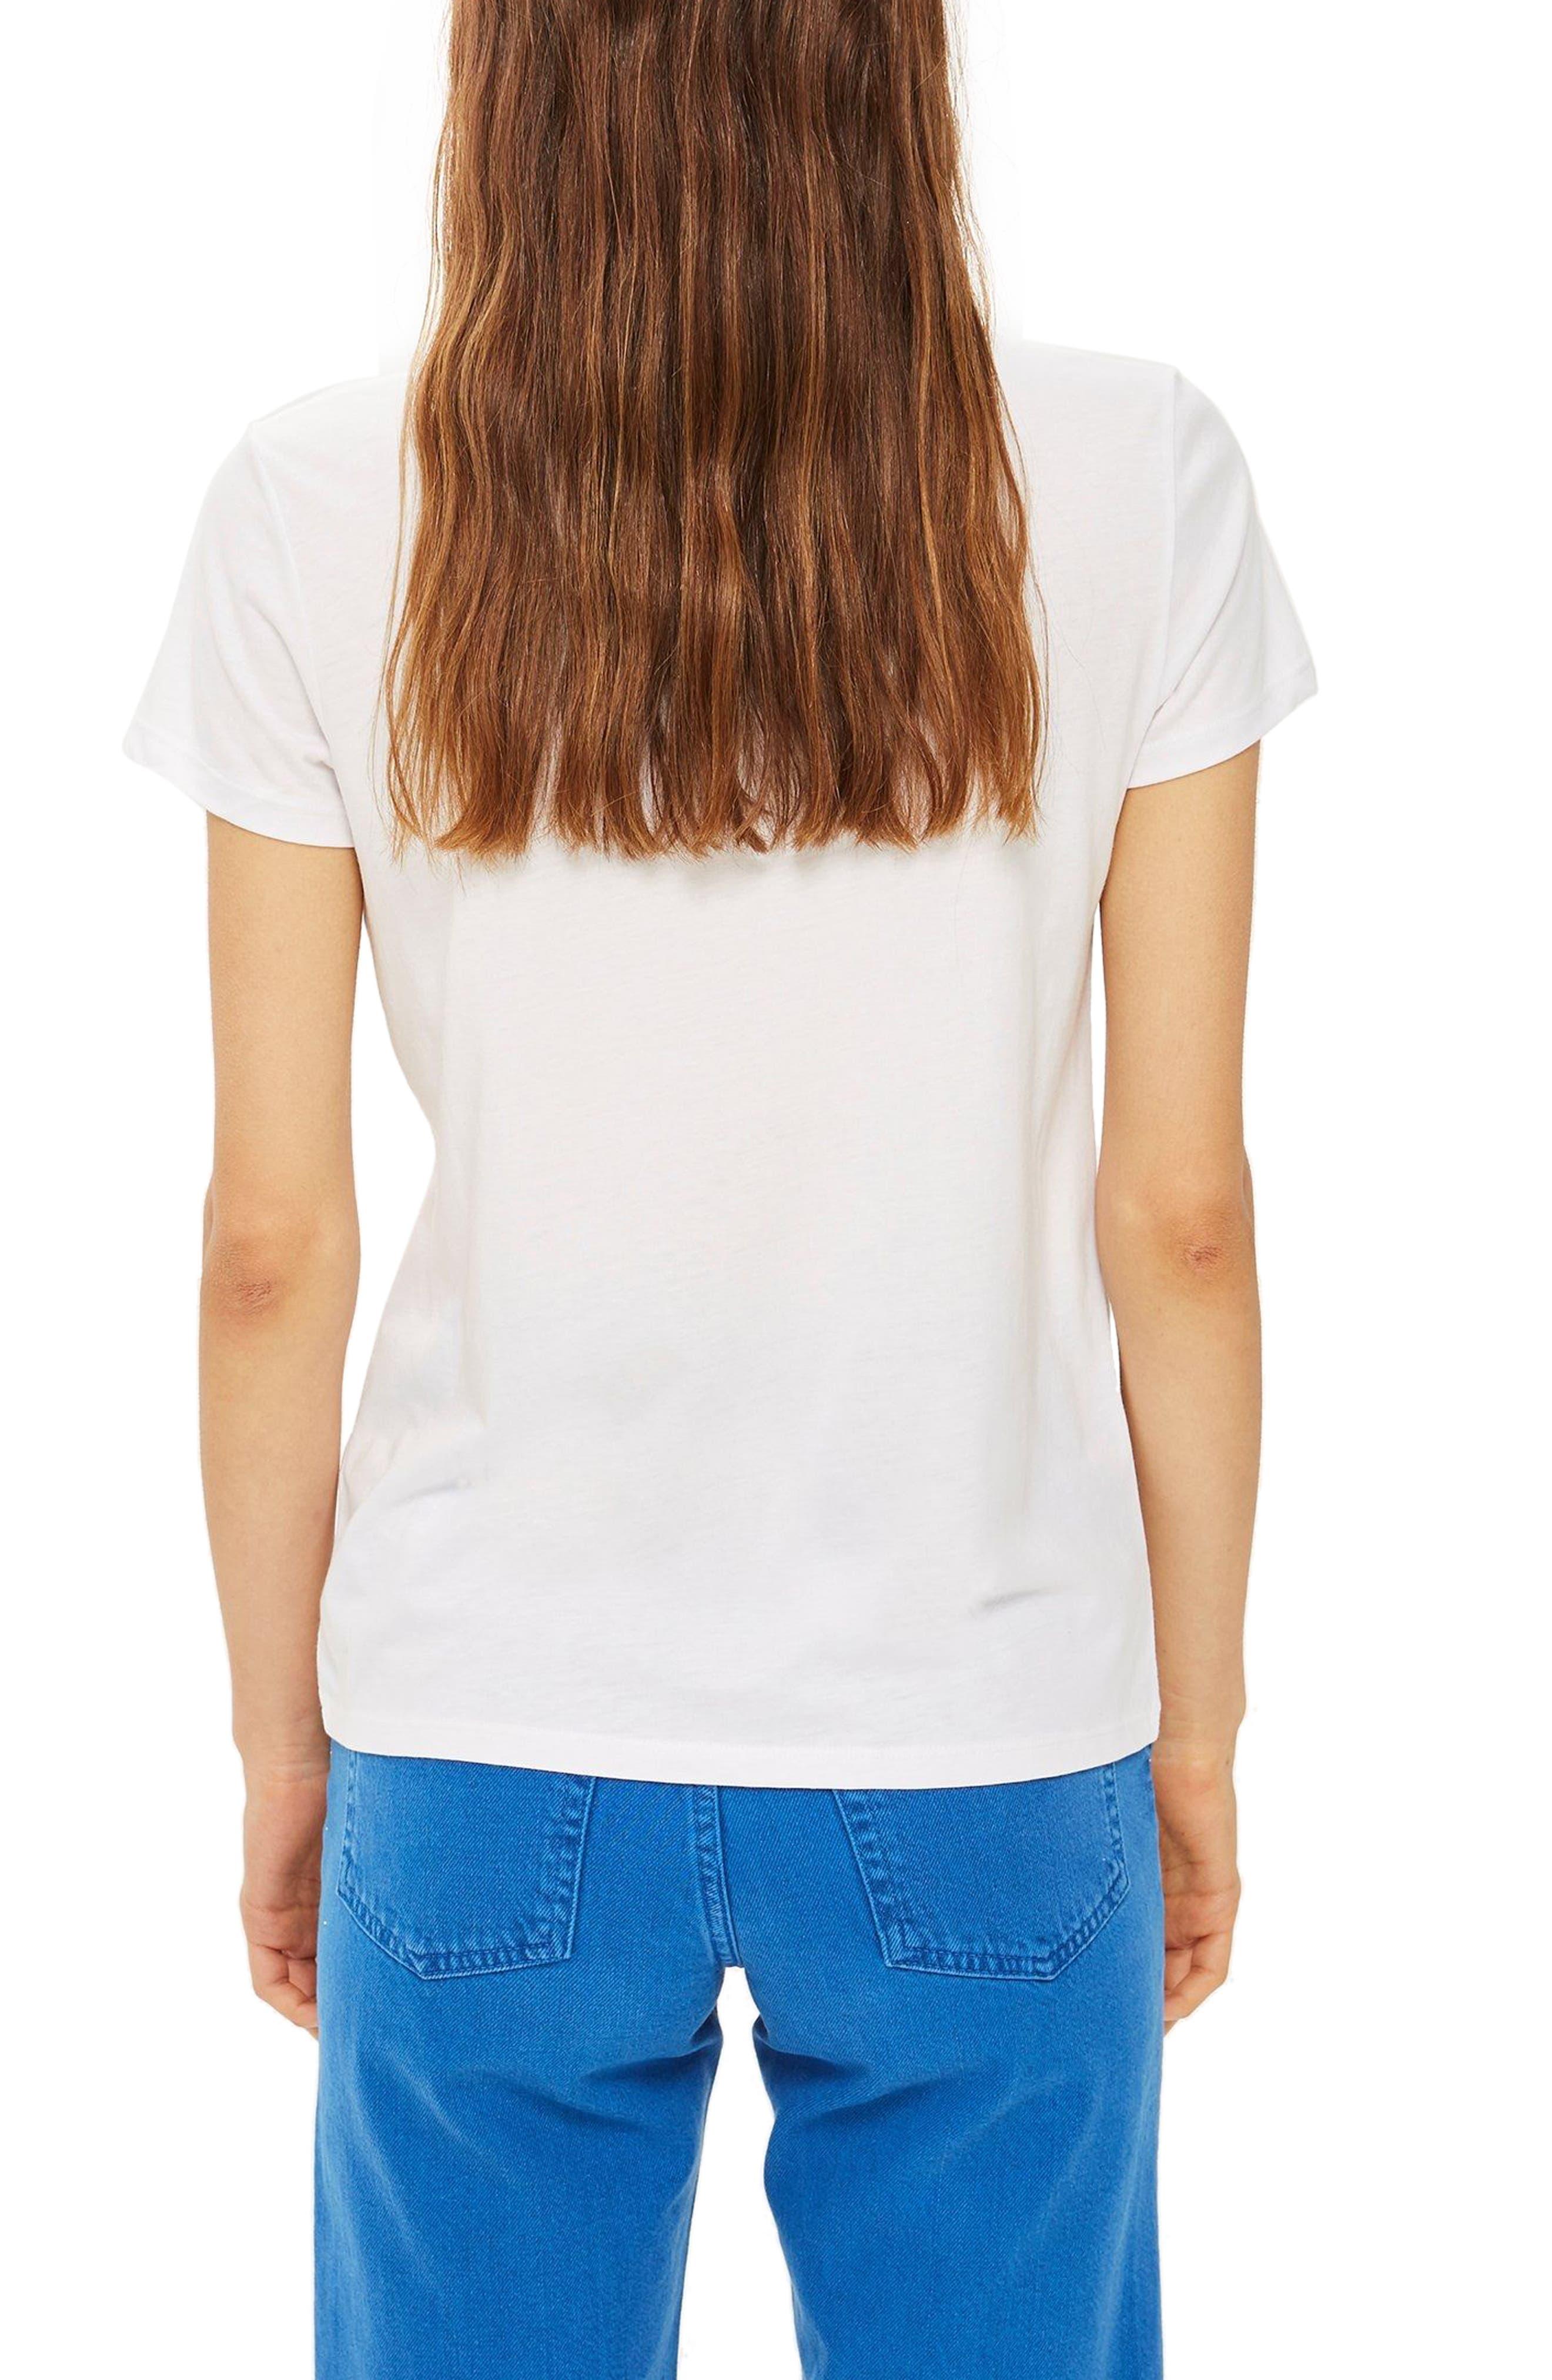 Satsuma Retro T-Shirt,                             Alternate thumbnail 2, color,                             White Multi